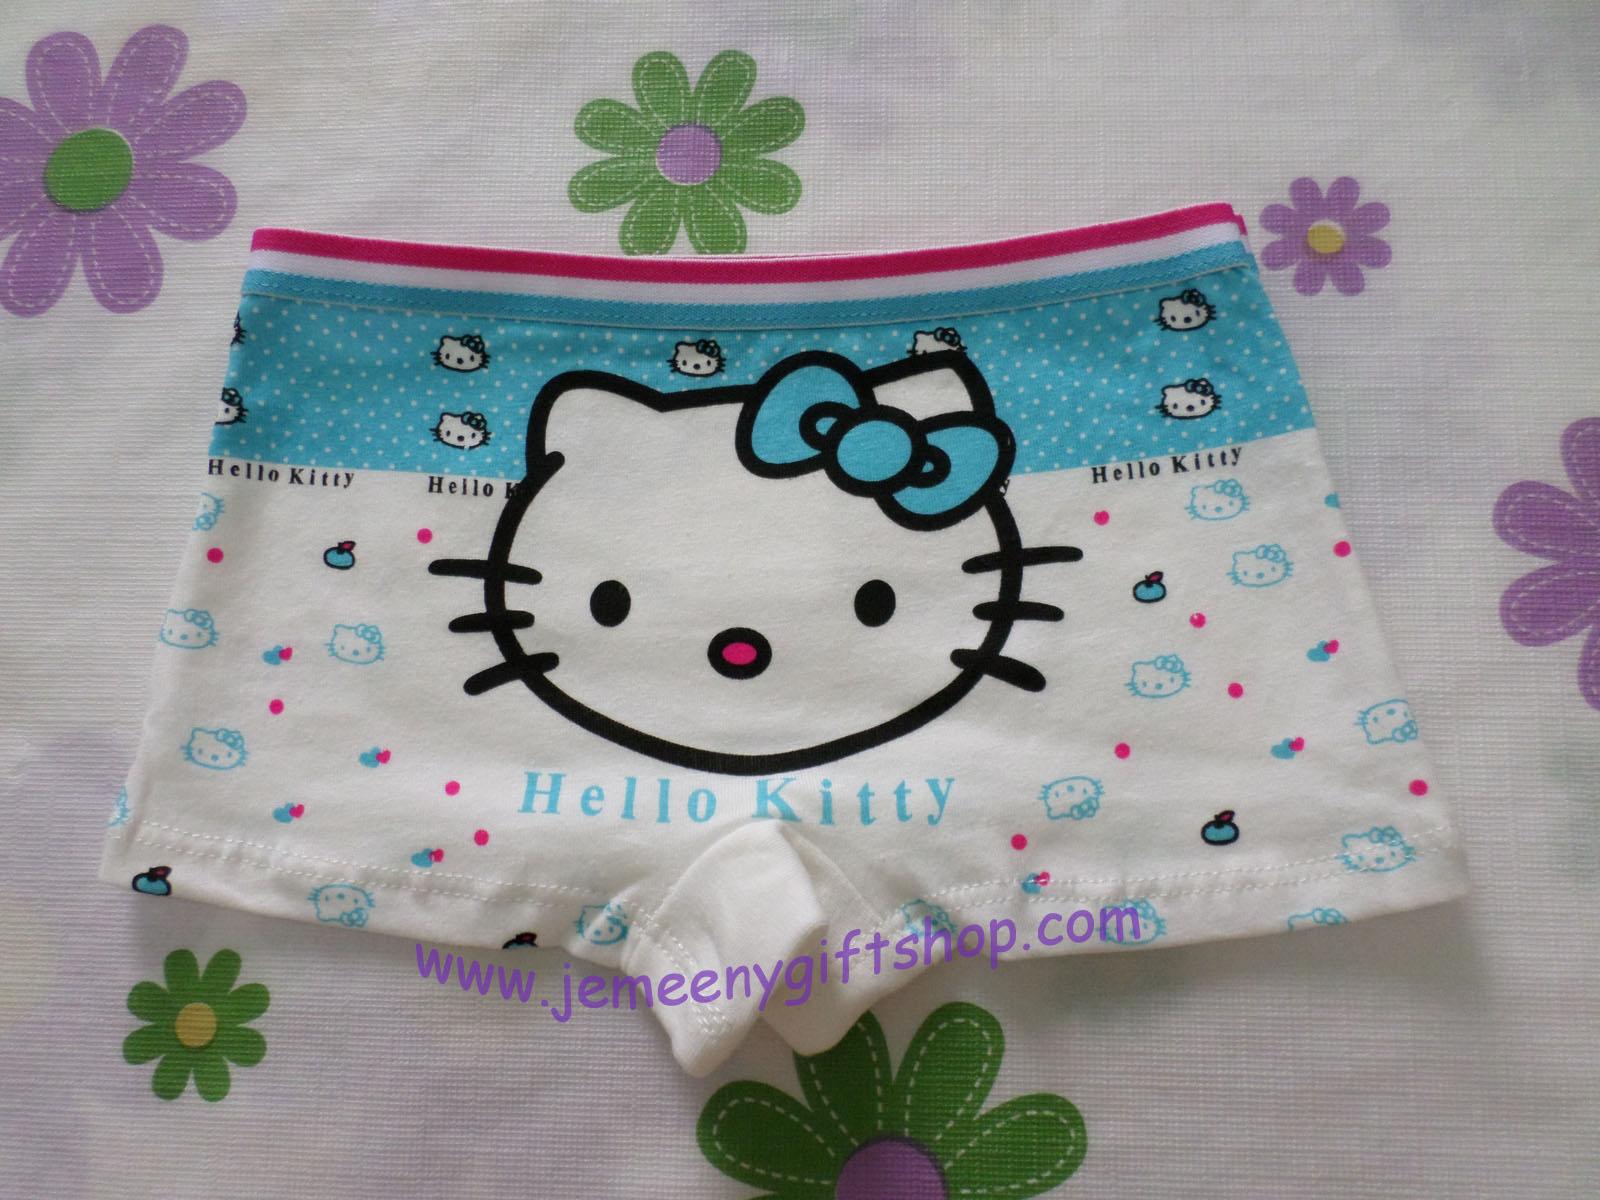 กางเกงชั้นในเด็กแบบขาสั้น ฮัลโหลคิตตี้ Hello kitty#12 size S สำหรับเด็กอายุ 2-4 ขวบ